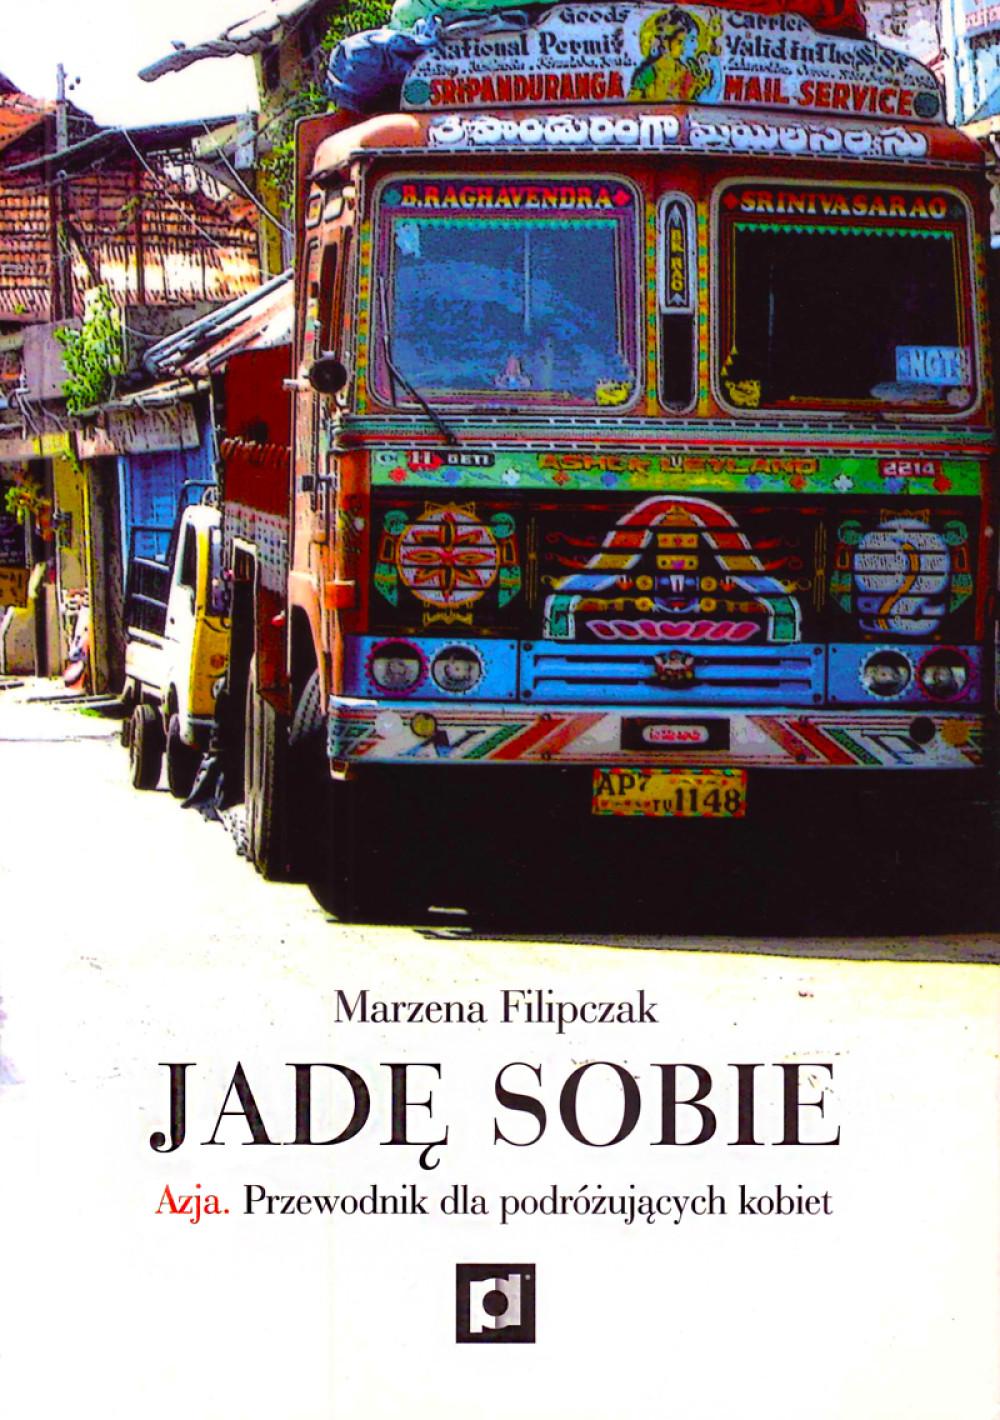 Jadę sobie. Azja. Przewodnik dla podróżujących kobiet ebook